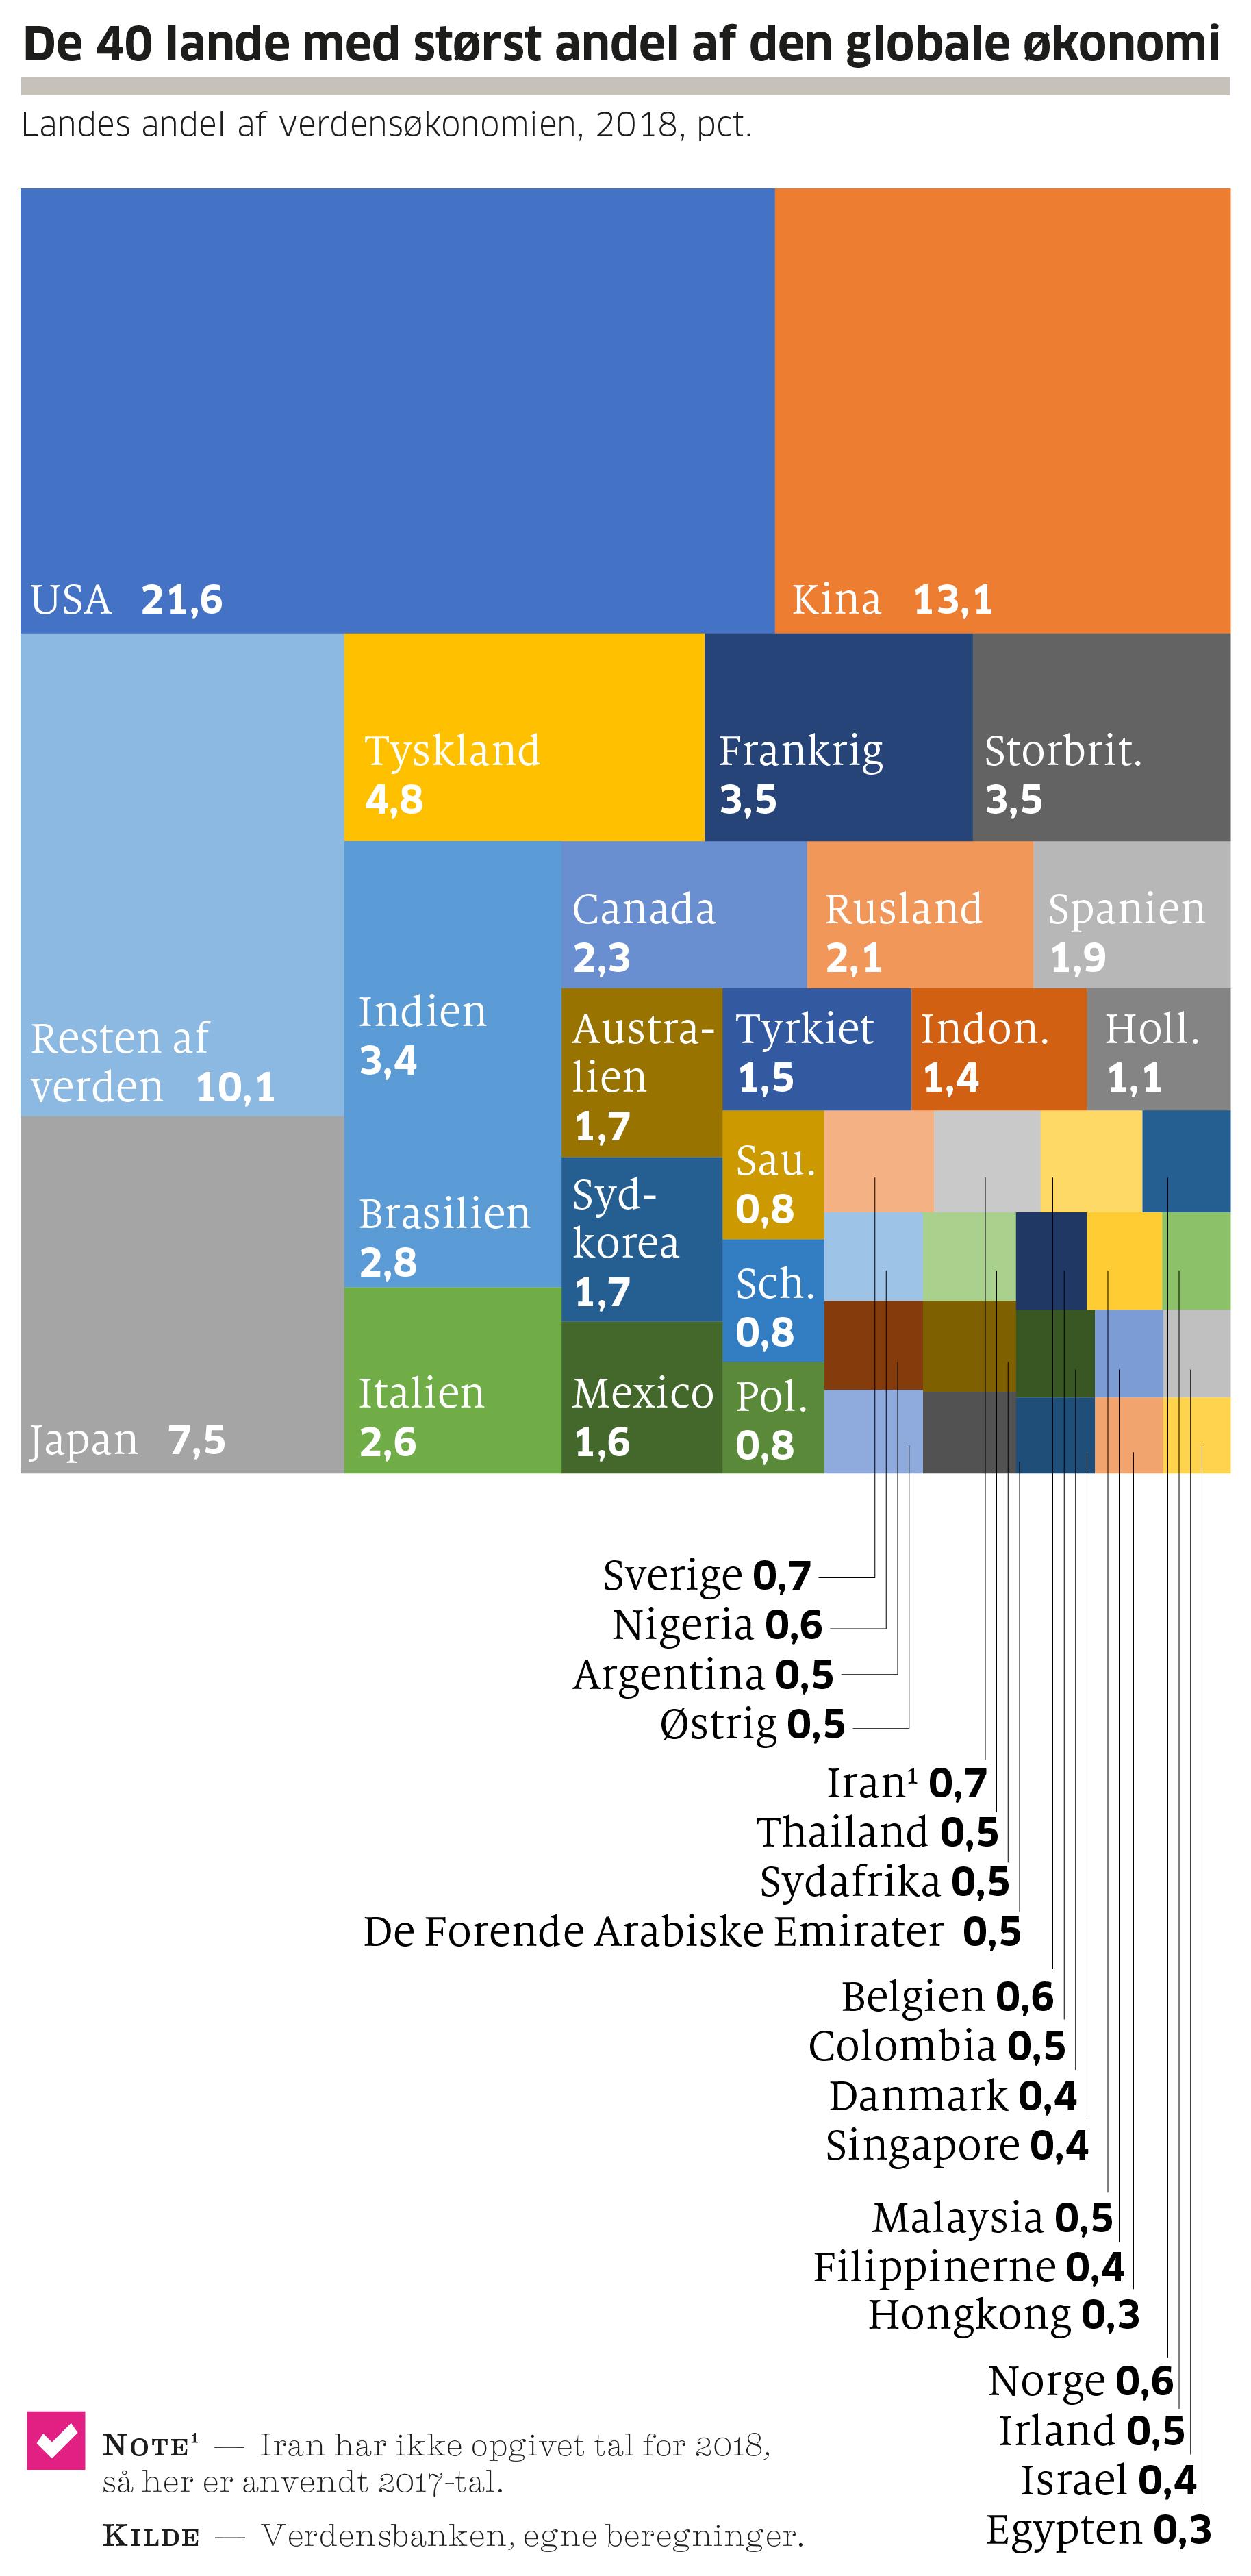 Her Er Verdens Rigeste Lande Tjekdet Leveret Af Mandag Morgen